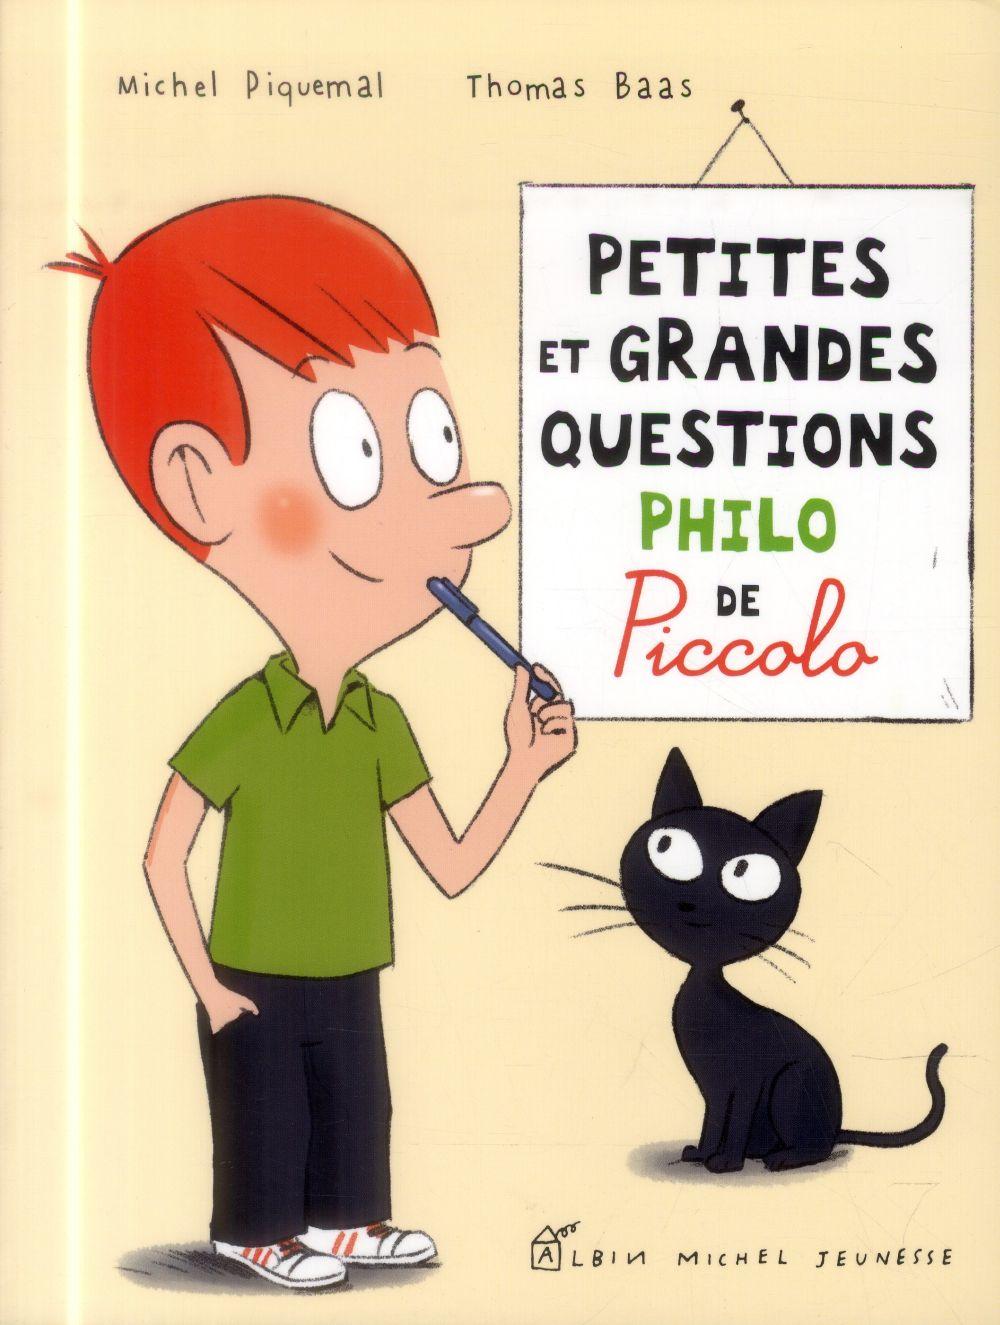 PETITES ET GRANDES QUESTIONS PHILO DE PICCOLOPHILO